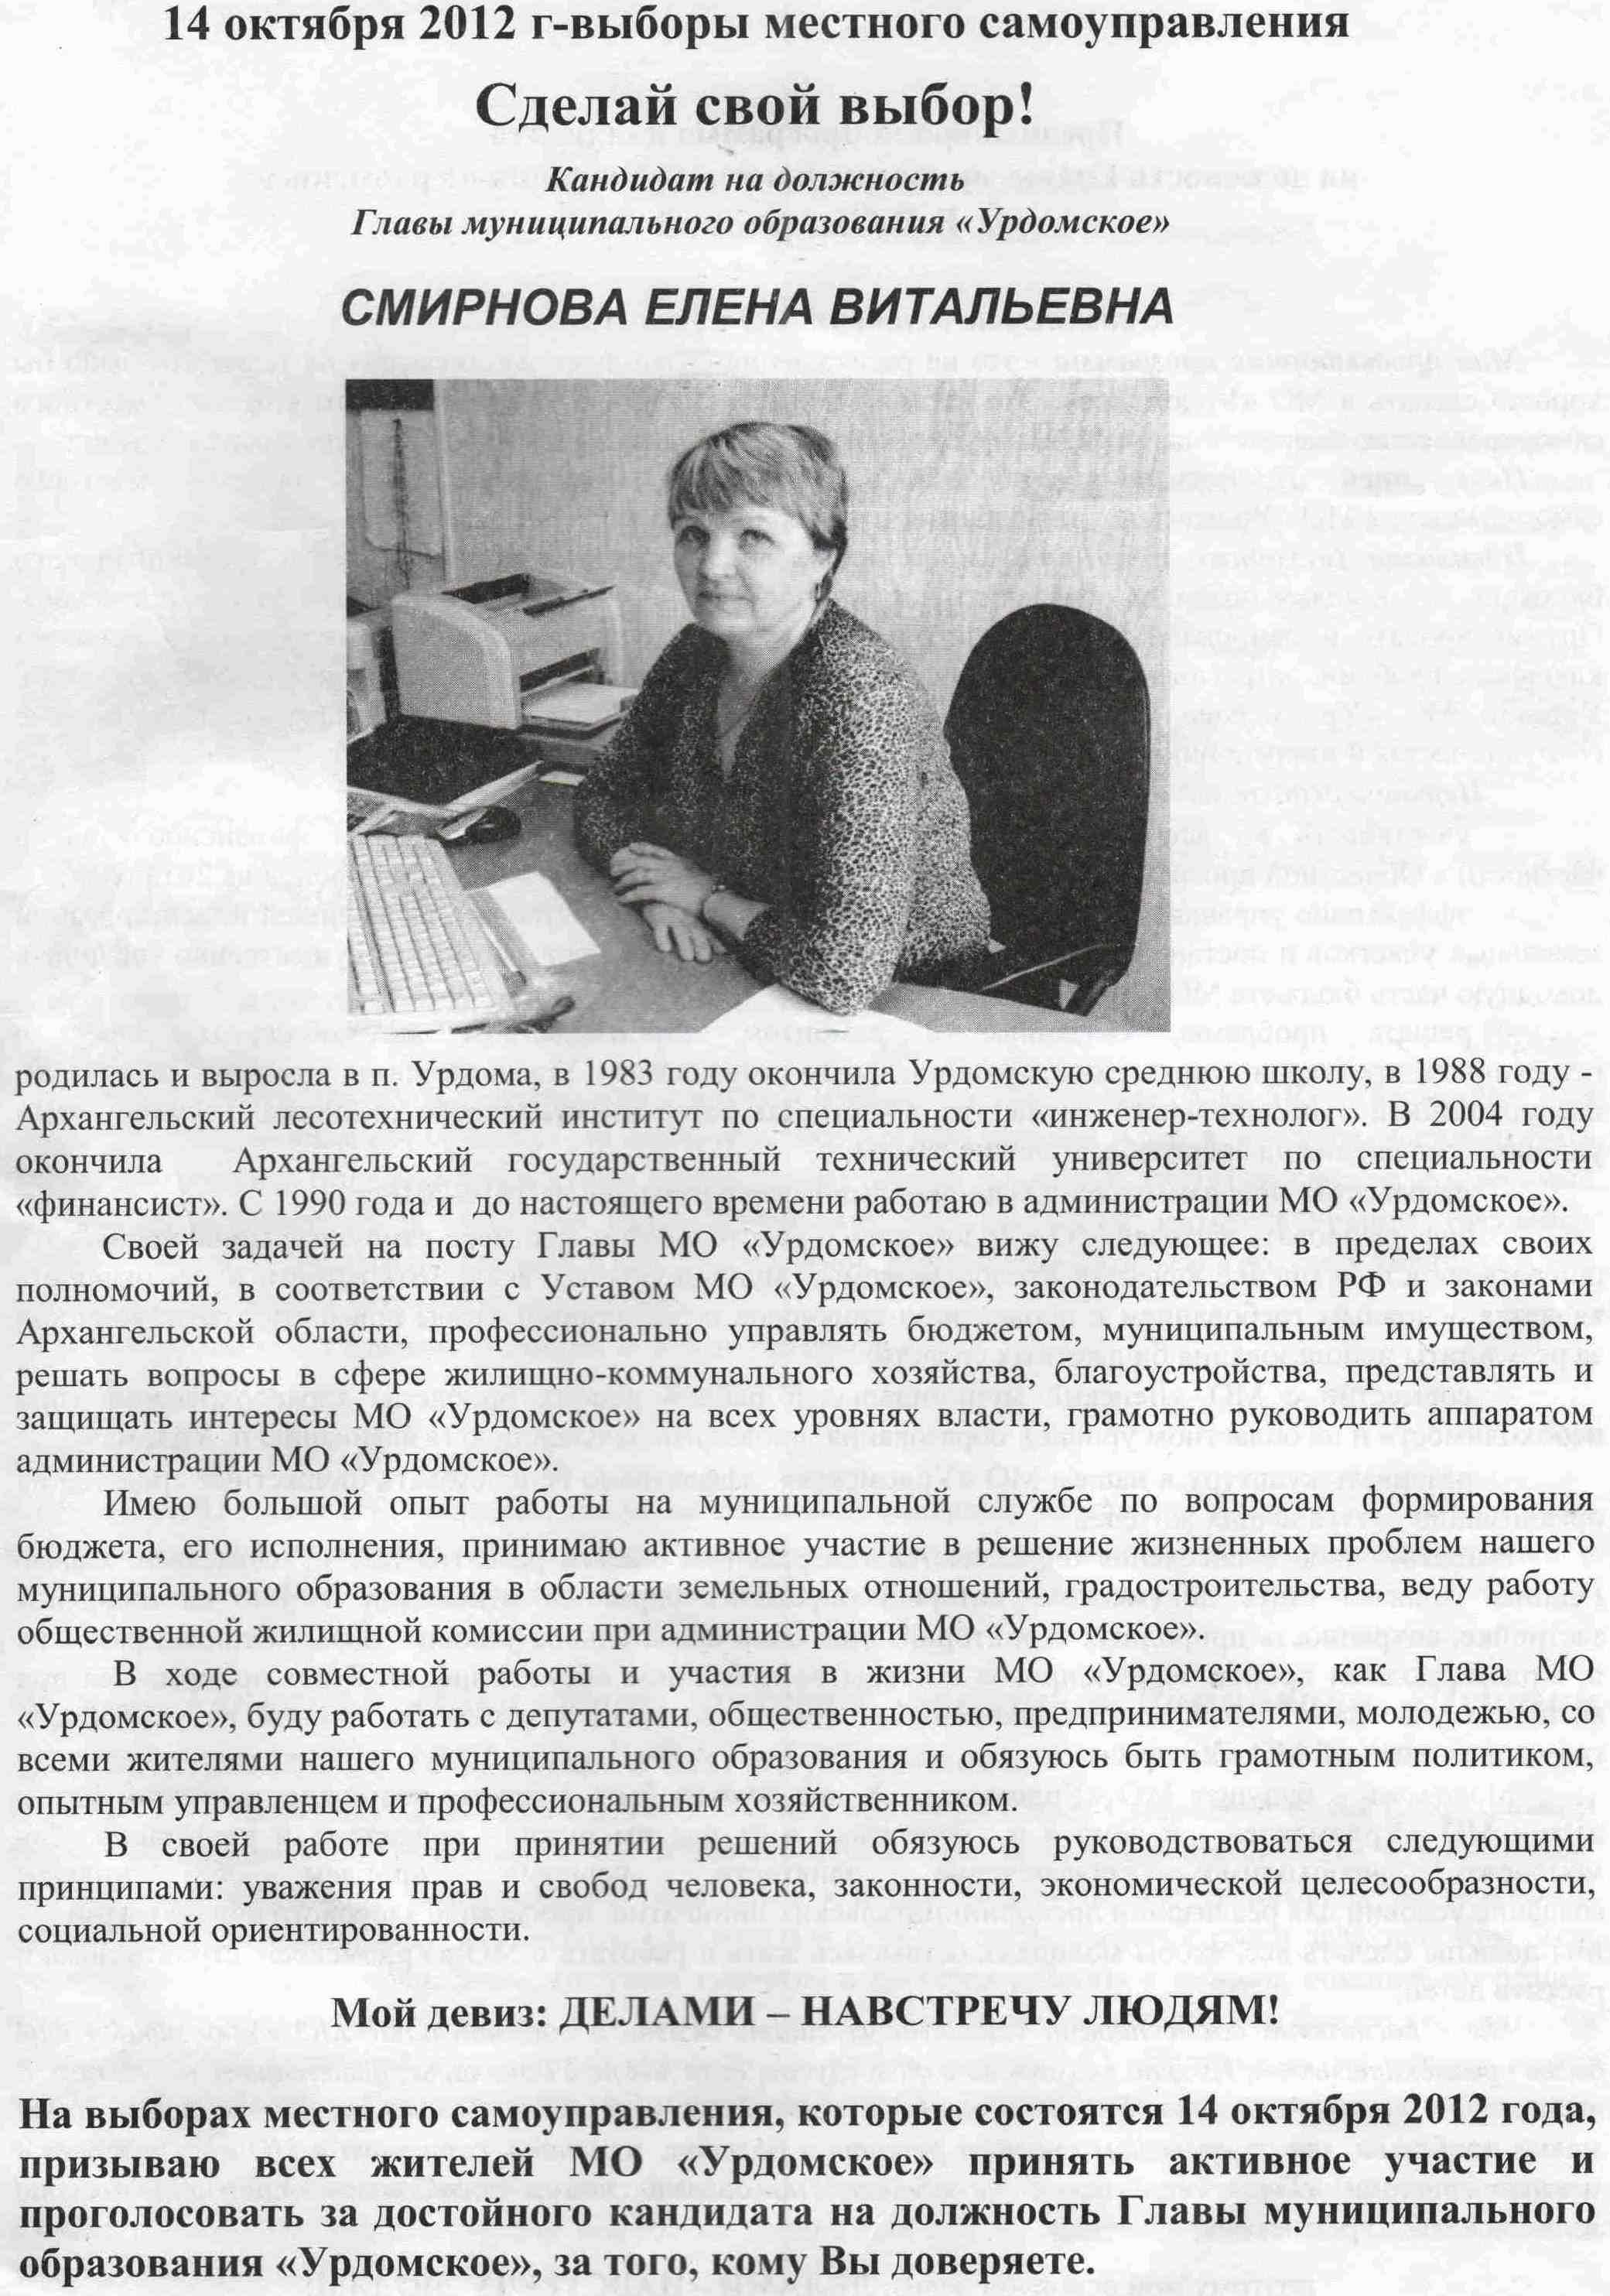 Смирнова ЕВ, кандидат